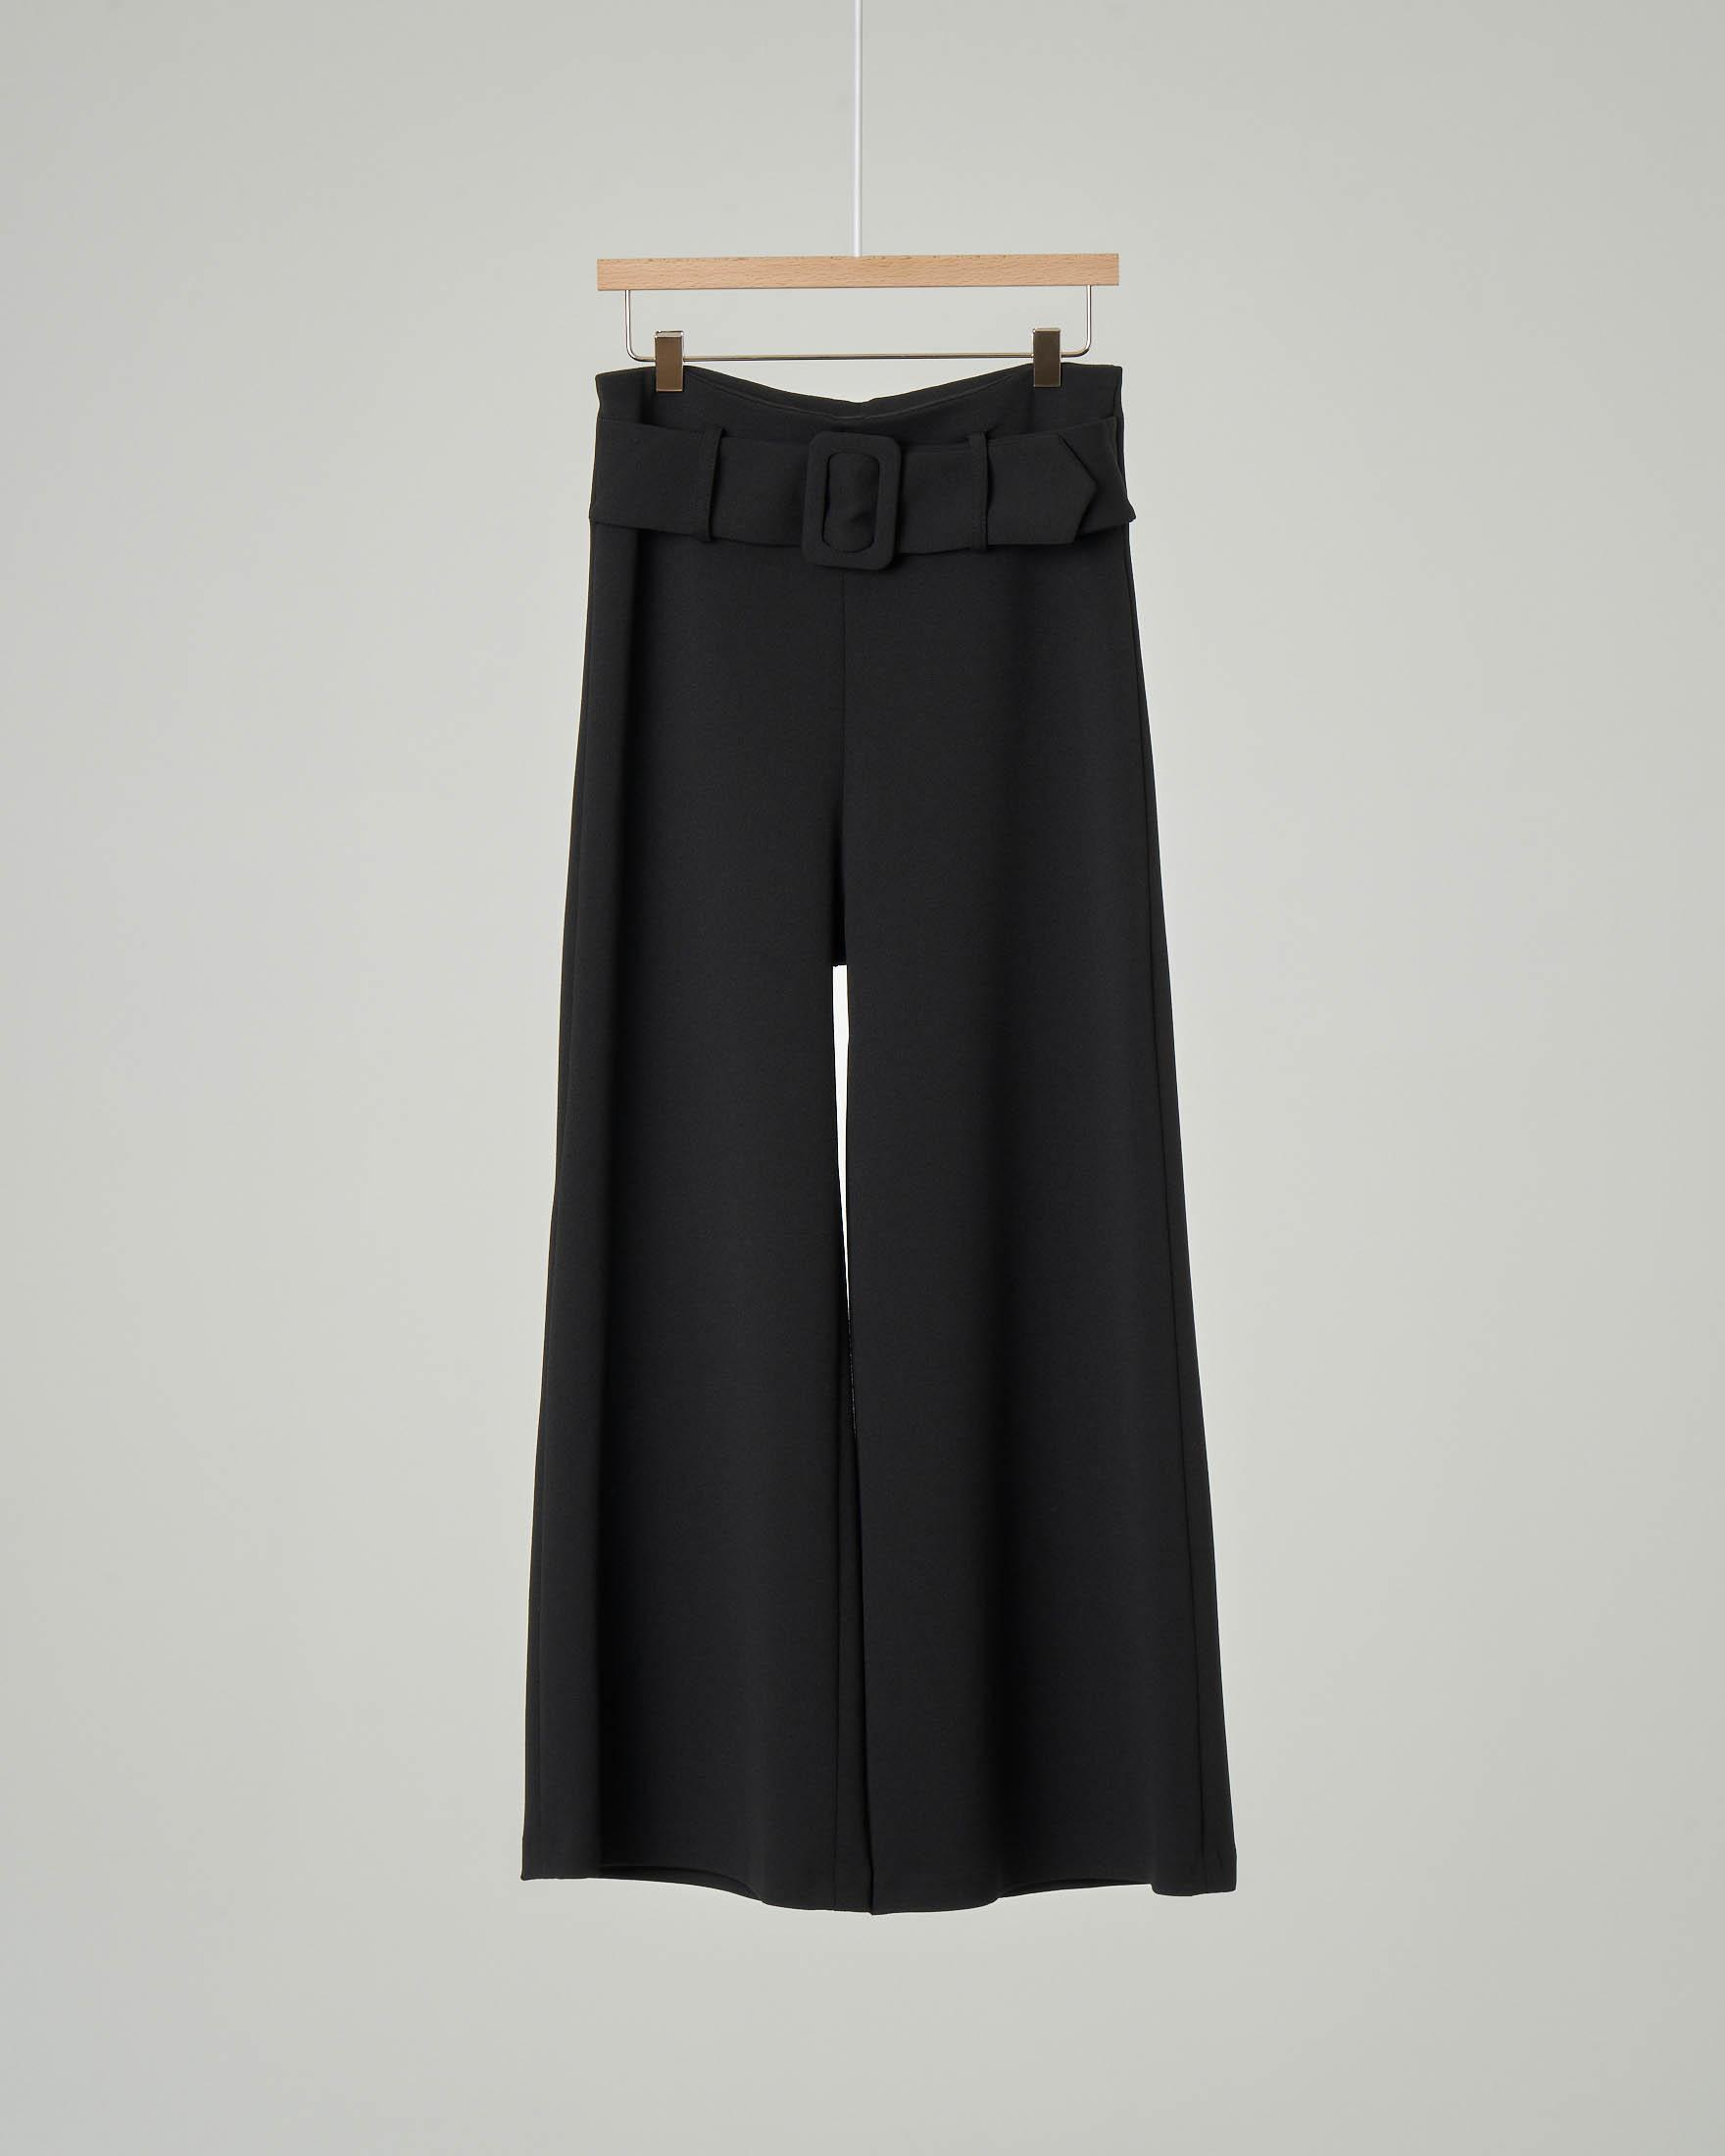 Pantaloni palazzo neri con cintura in vita tono su tono con fibbia quadrata 40-46